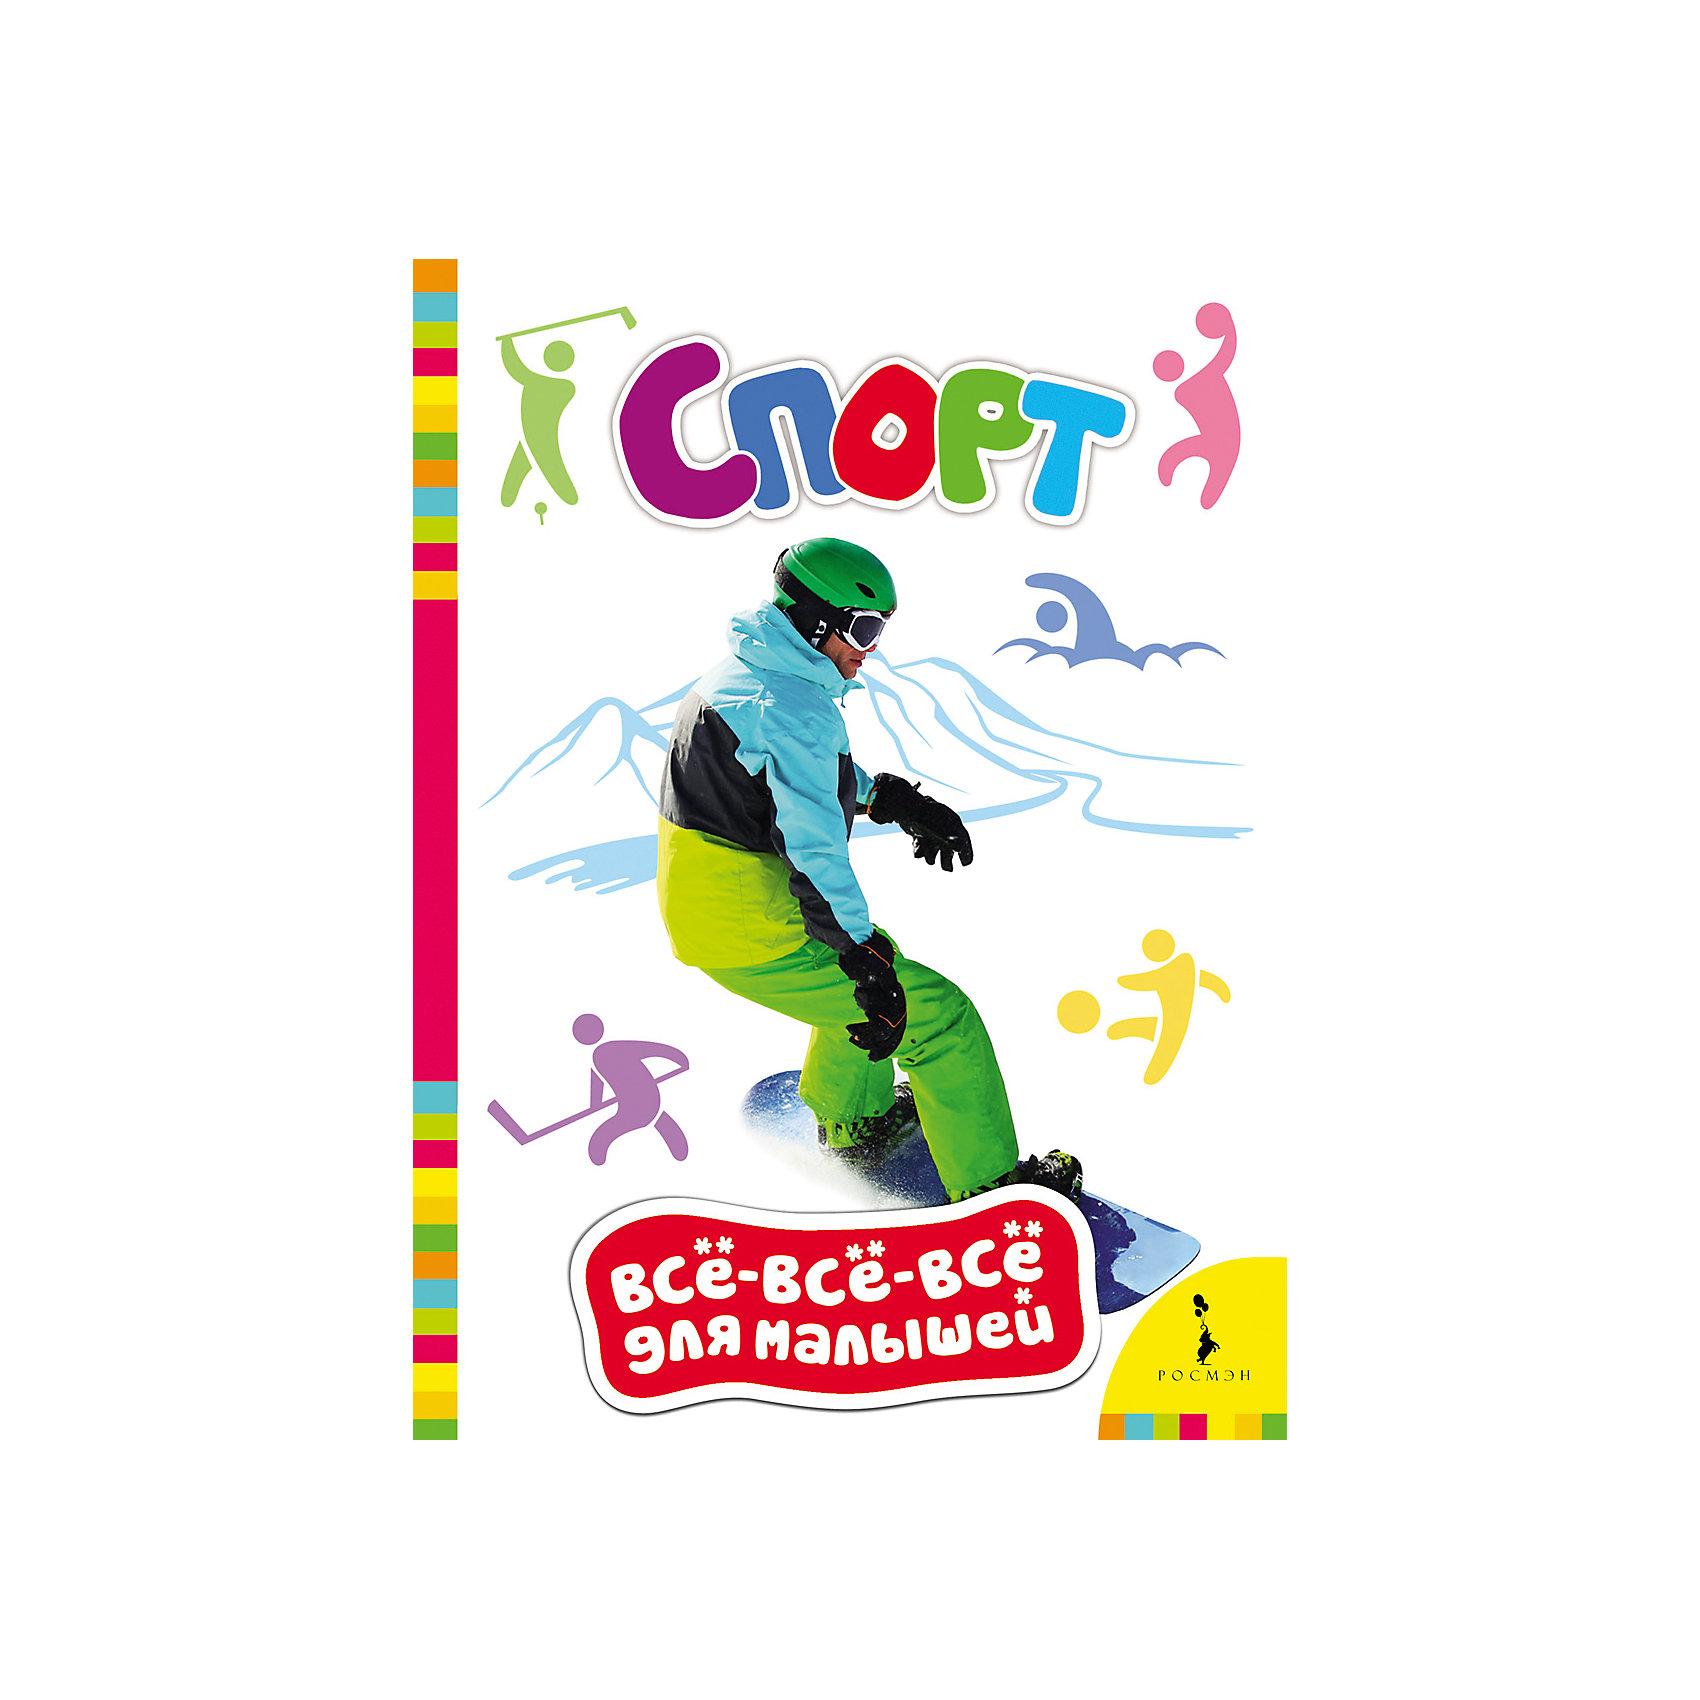 Спорт, Всё-всё-всё для малышейВсё-всё-всё для малышей Спорт, Росмэн - это увлекательная книга для самых маленьких.<br>Познавательные книжки в серии Всё-всё-всё для малышей предназначены для расширения кругозора ребенка, увеличения словарного запаса, развития навыков общения. Издания проиллюстрированы красочными фотографиями, содержат вопросы и задания и являются замечательными пособиями для занятий с малышом.<br><br>Дополнительная информация:<br><br>- Составитель: Беляева Татьяна<br>- Издательство: Росмэн<br>- Серия: Всё-всё-всё для малышей<br>- Тип обложки: картон<br>- Страниц: 8 (картон)<br>- Иллюстрации: цветные<br>- Размер: 220 х 160 x 4 мм.<br>- Вес: 110 г.<br><br>Книгу Всё-всё-всё для малышей Спорт, Росмэн можно купить в нашем интернет-магазине.<br><br>Ширина мм: 220<br>Глубина мм: 160<br>Высота мм: 4<br>Вес г: 110<br>Возраст от месяцев: 0<br>Возраст до месяцев: 36<br>Пол: Унисекс<br>Возраст: Детский<br>SKU: 3998169